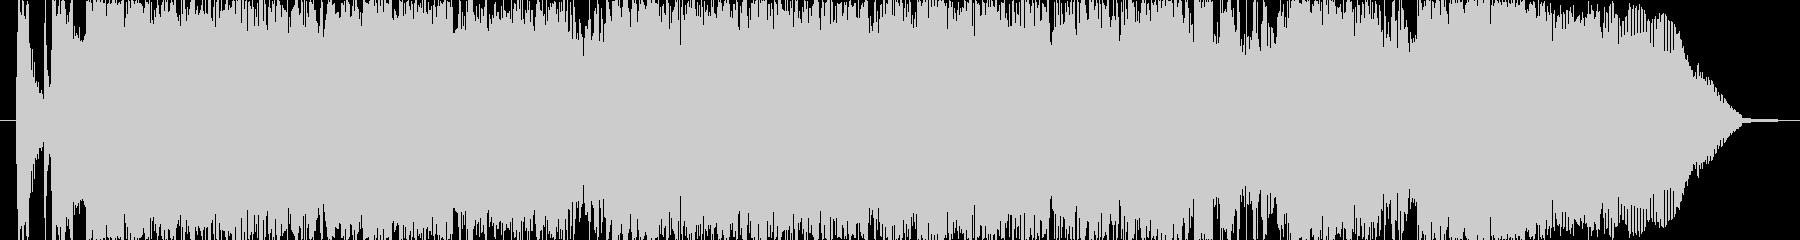 30秒のハードロック風ジングルの未再生の波形